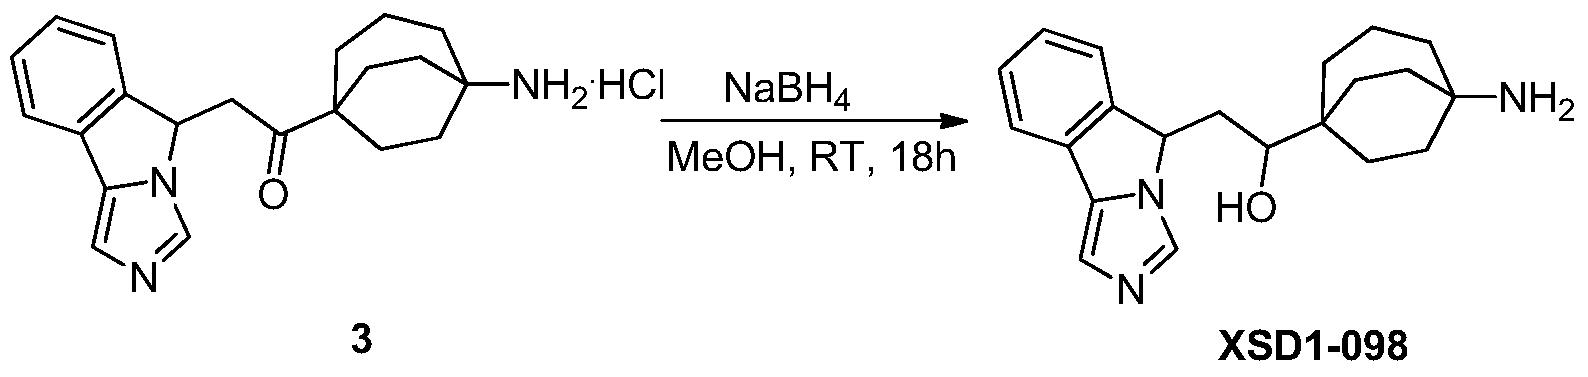 Figure PCTCN2017084604-appb-000156